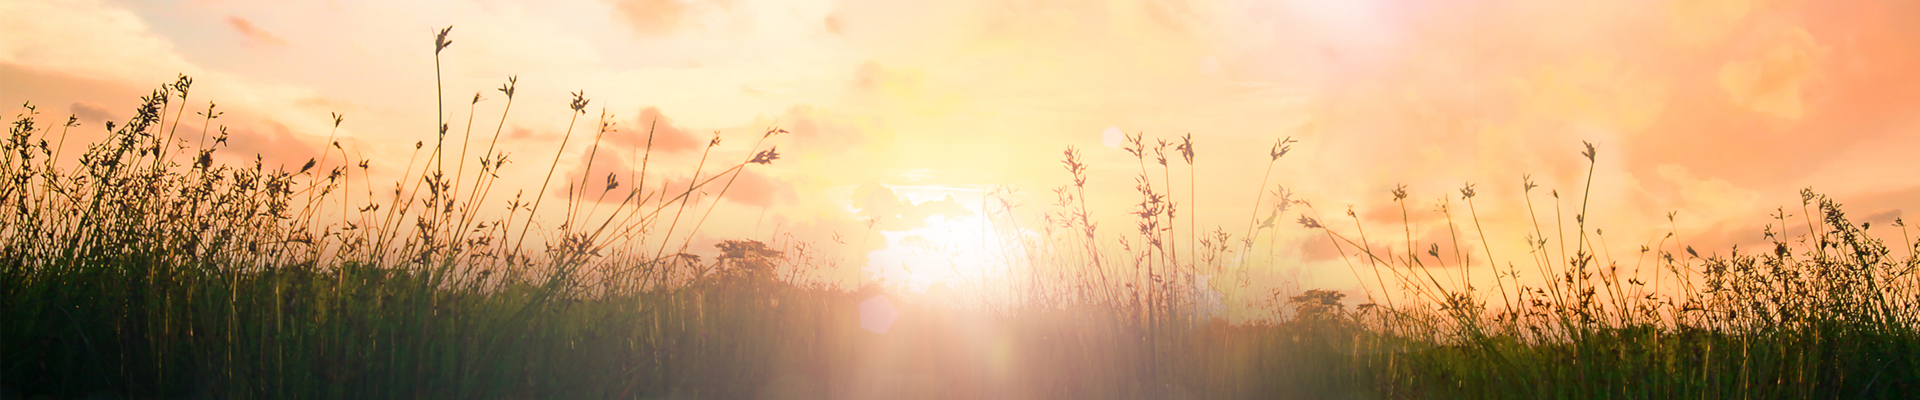 sunset over wild prairie grass